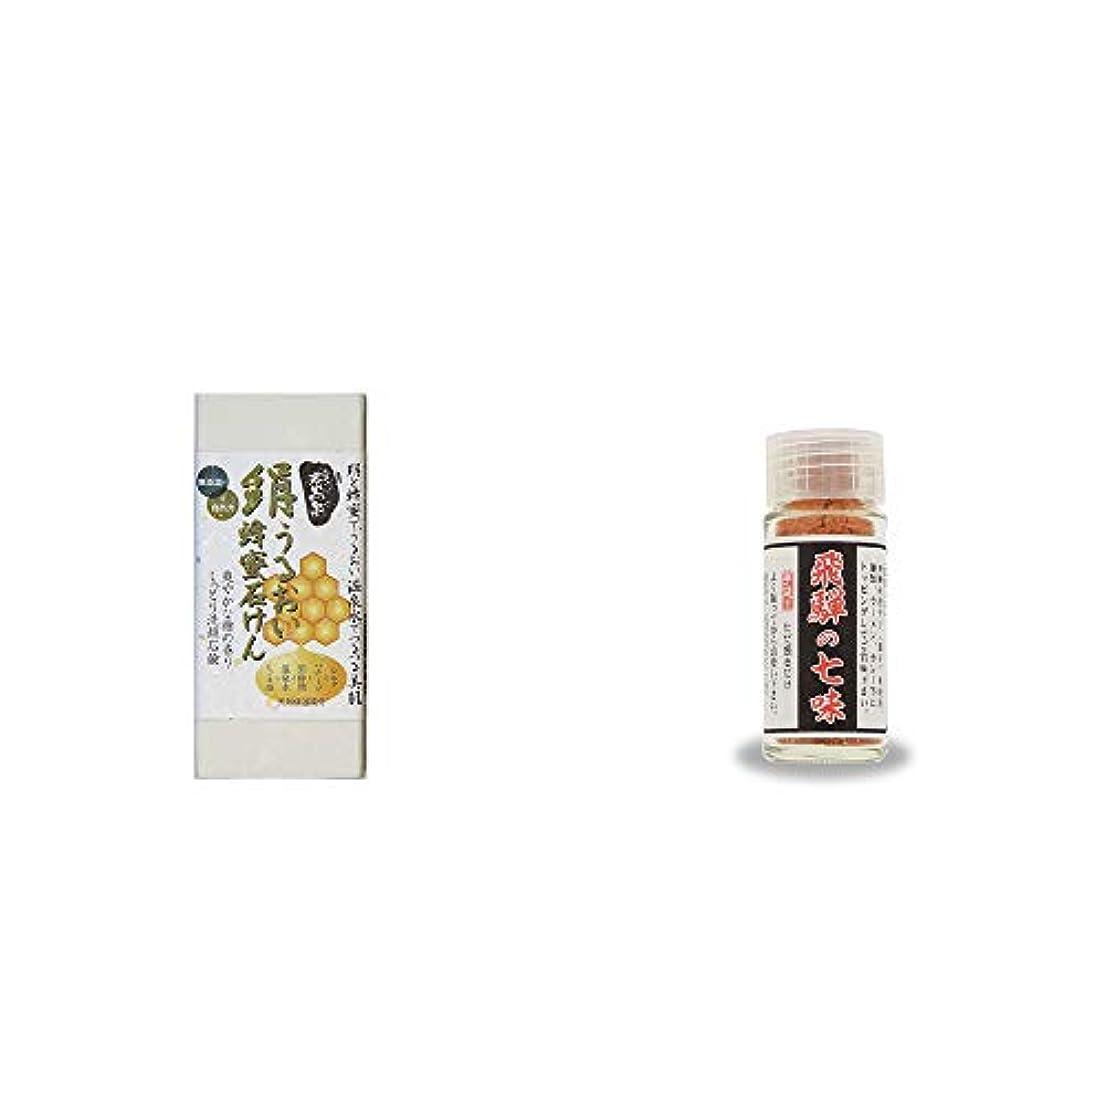 破産とまり木タック[2点セット] ひのき炭黒泉 絹うるおい蜂蜜石けん(75g×2)?手造り 飛騨の七味(15g)